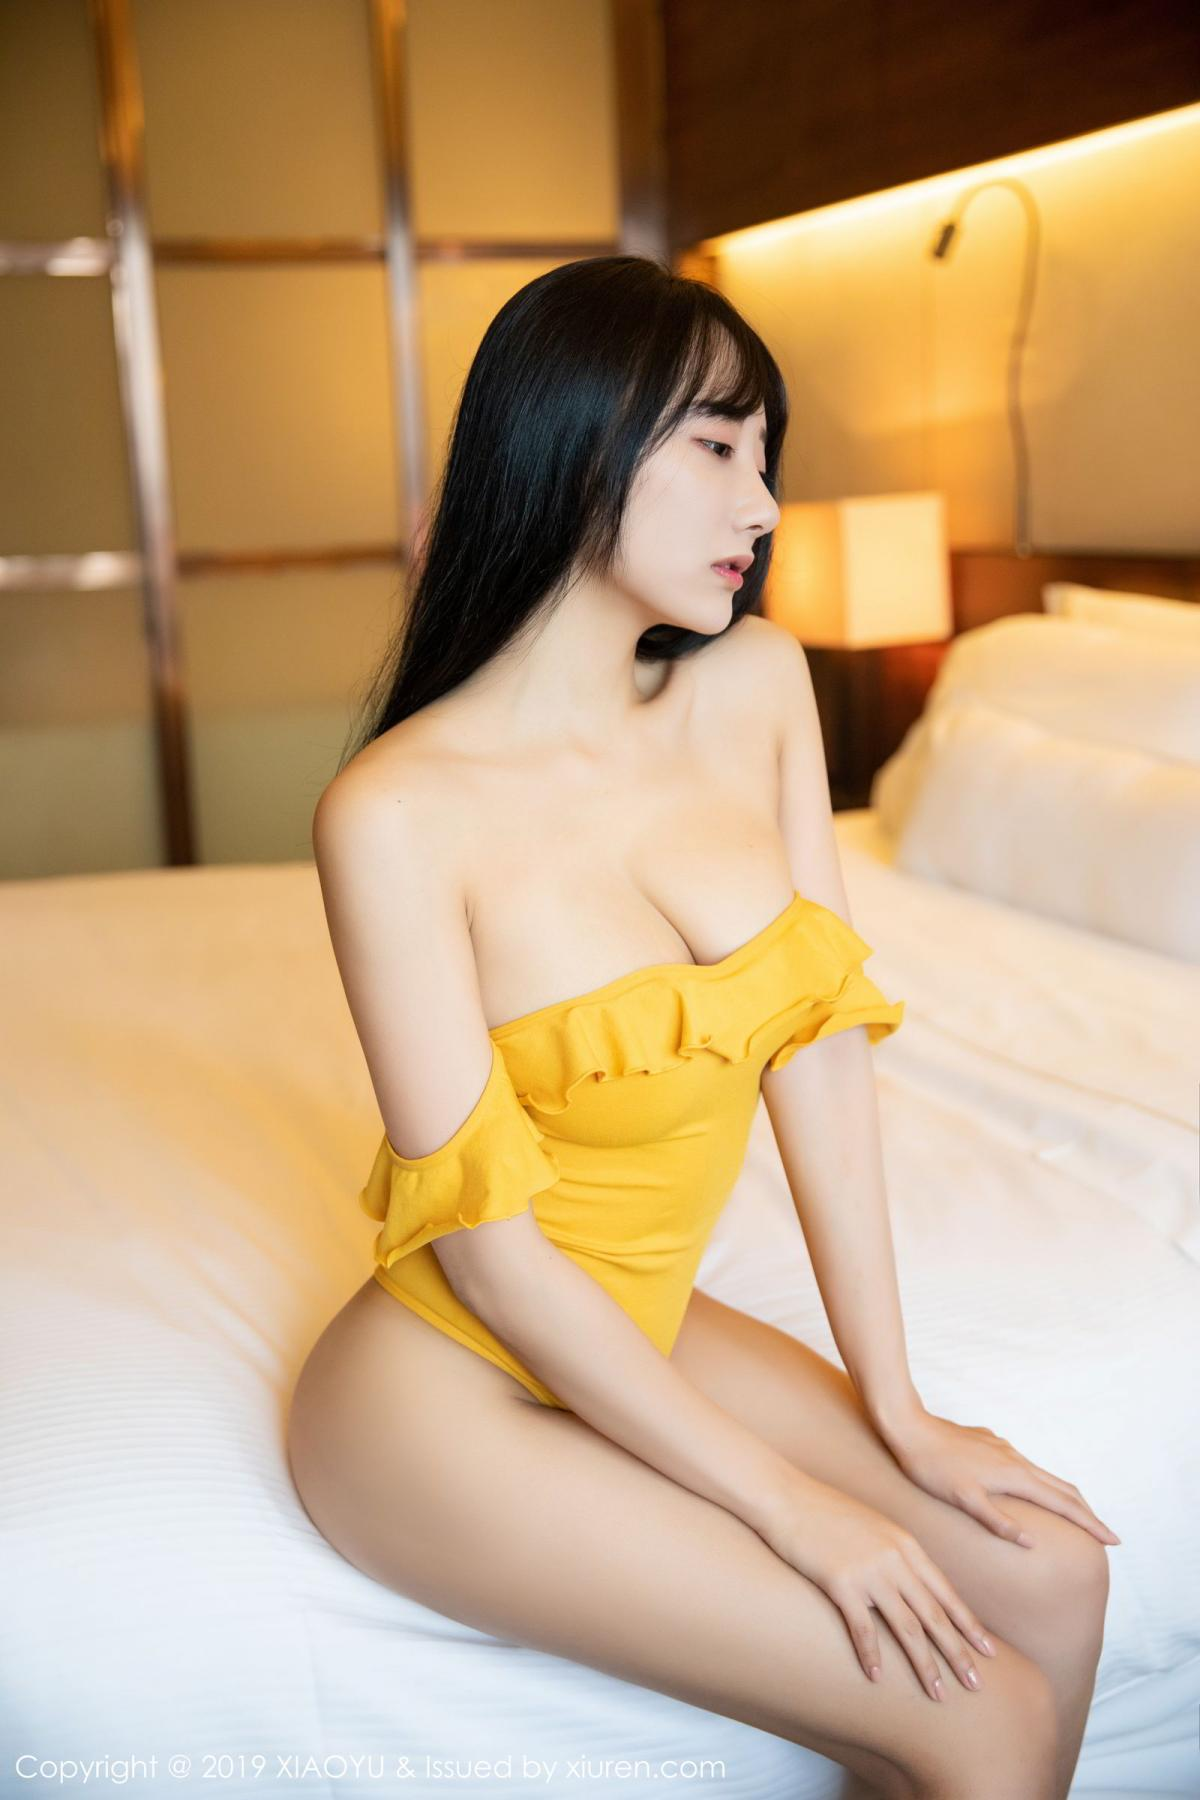 [XiaoYu] Vol.140 He Jia Ying 4P, He Jia Ying, Tall, XiaoYu